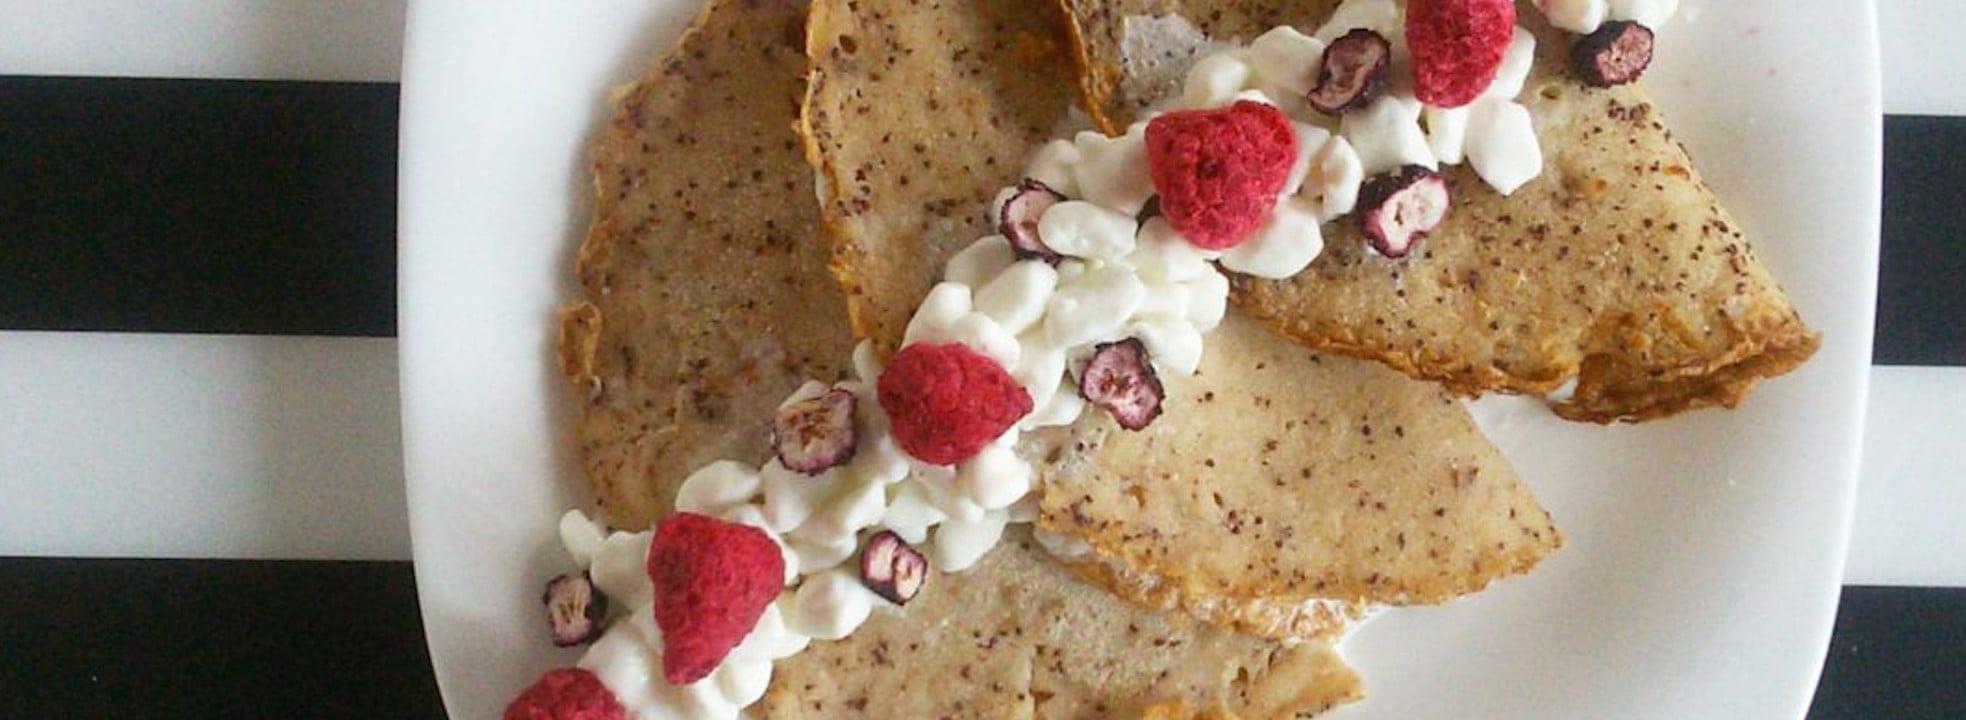 Obiad na słodko – bezglutenowe naleśniki z makiem